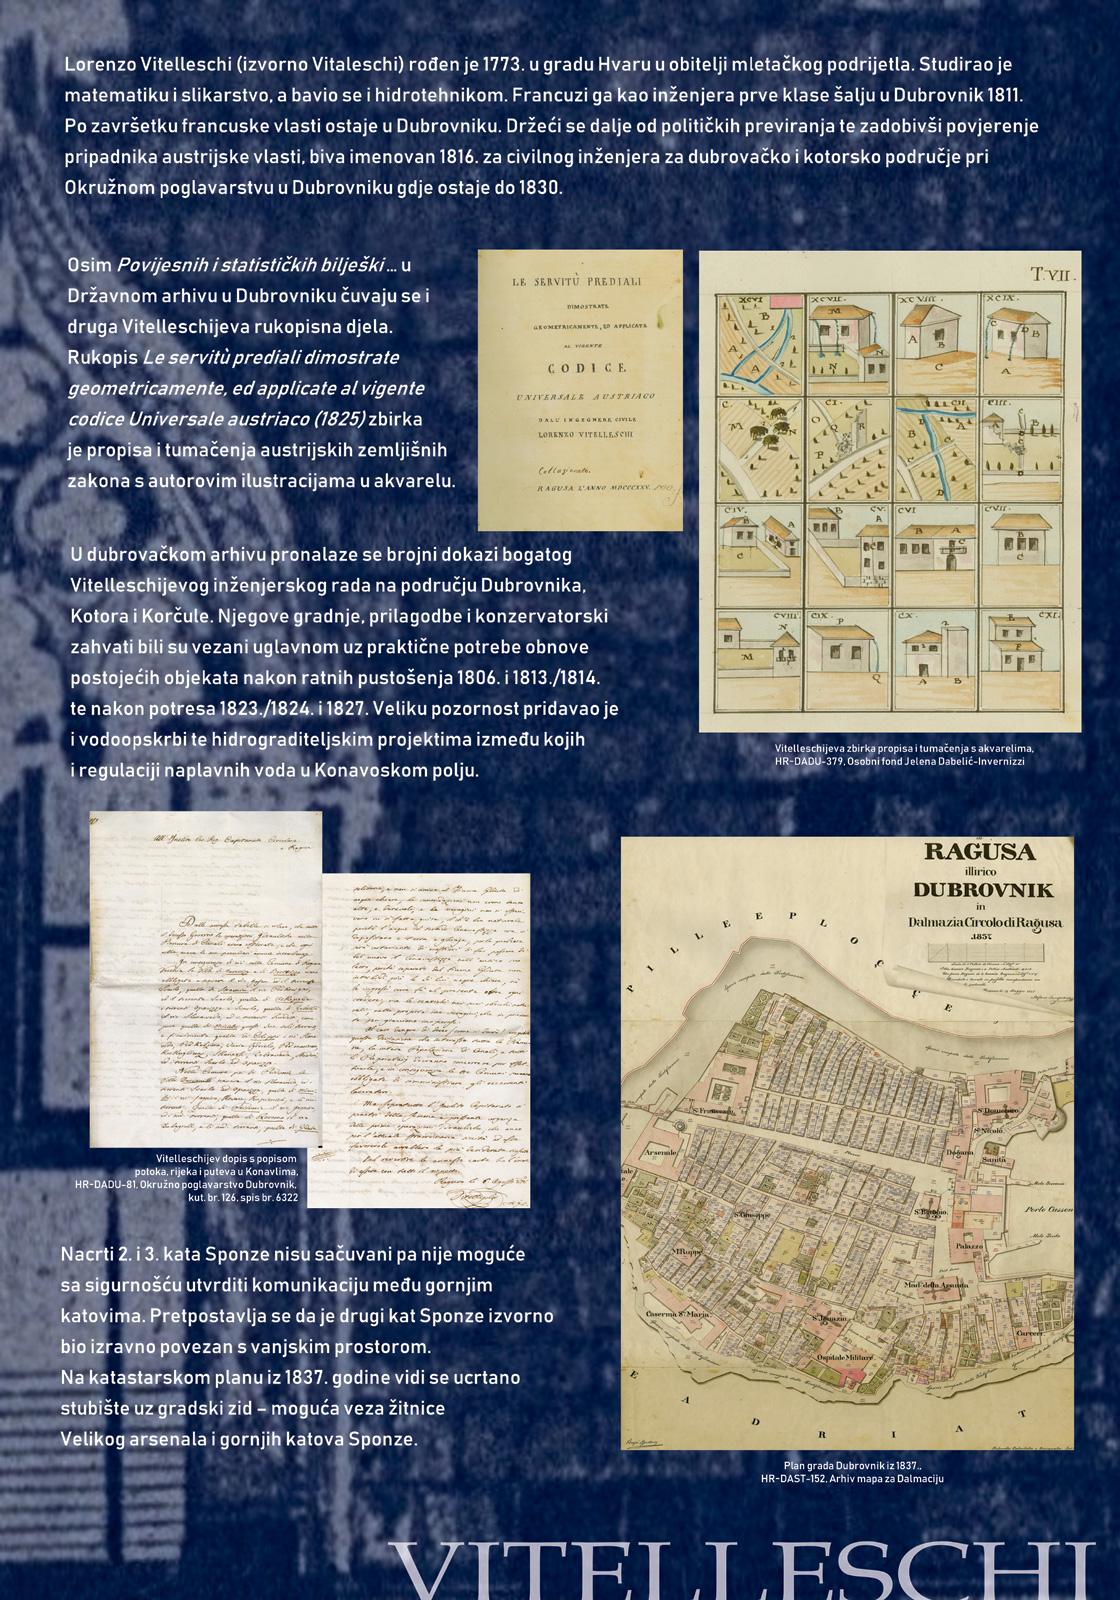 Panel 2 koji prikazuje nacrte koje je napravio okružni inžinjer Antonio Vittellecshi 1827. godine